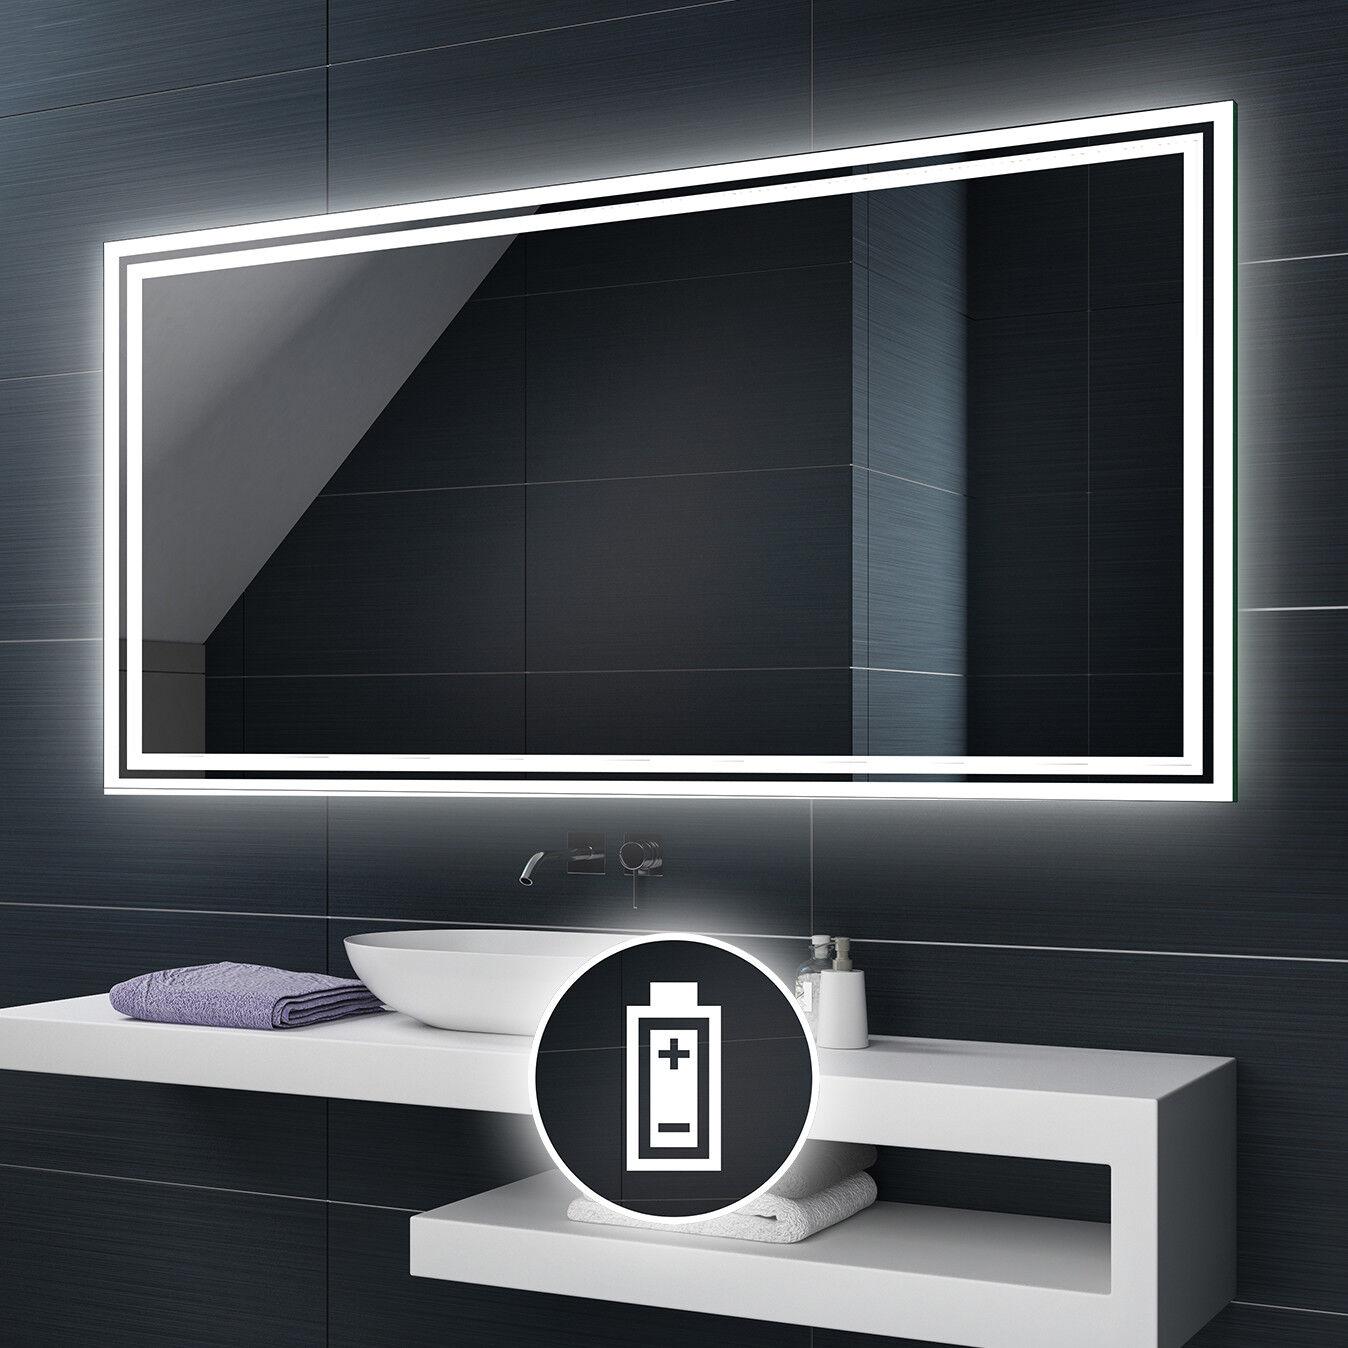 Alimenté par batterie DEL illuminé Miroir de salle de bains Batterie taille personnalisée L57